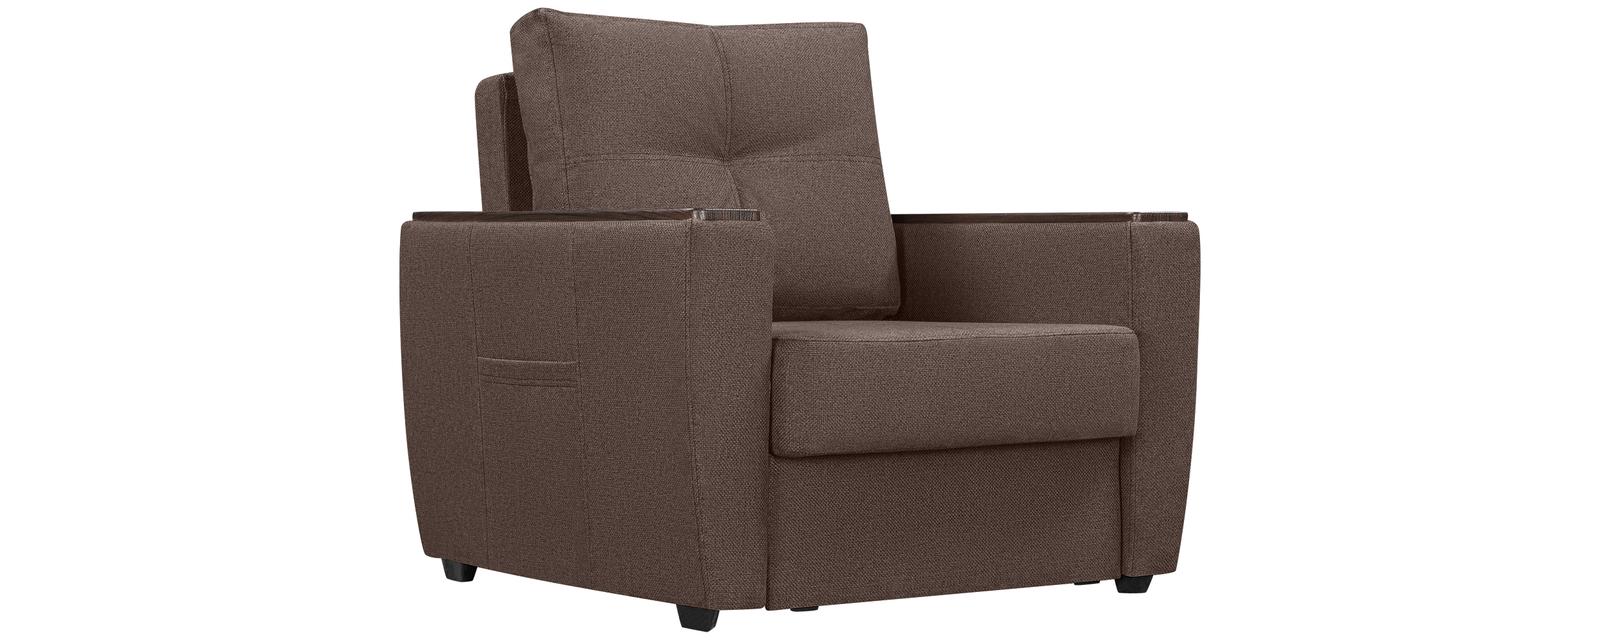 Кресло тканевое Майами Madagascar коричневый (Рогожка)